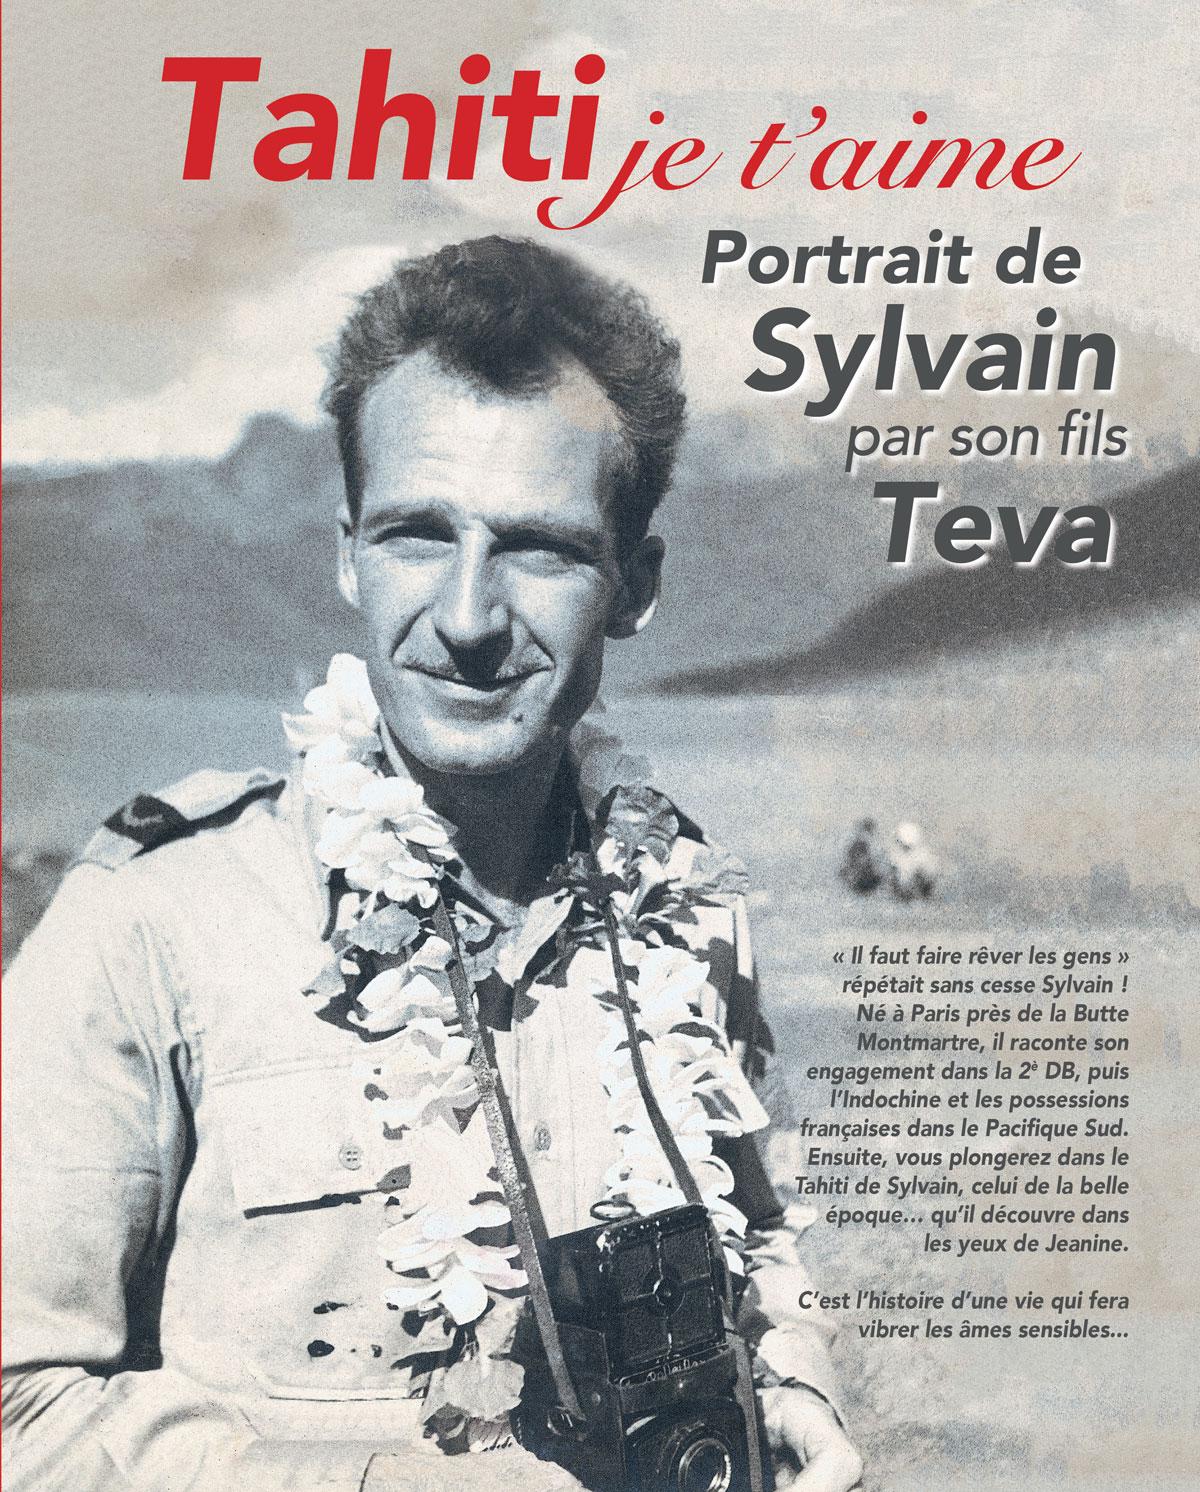 """""""Tahiti je t'aime"""". Tout est dit dans le titre du livre que Teva Sylvain consacre à la vie hors normes de son père, le photographe Sylvain."""